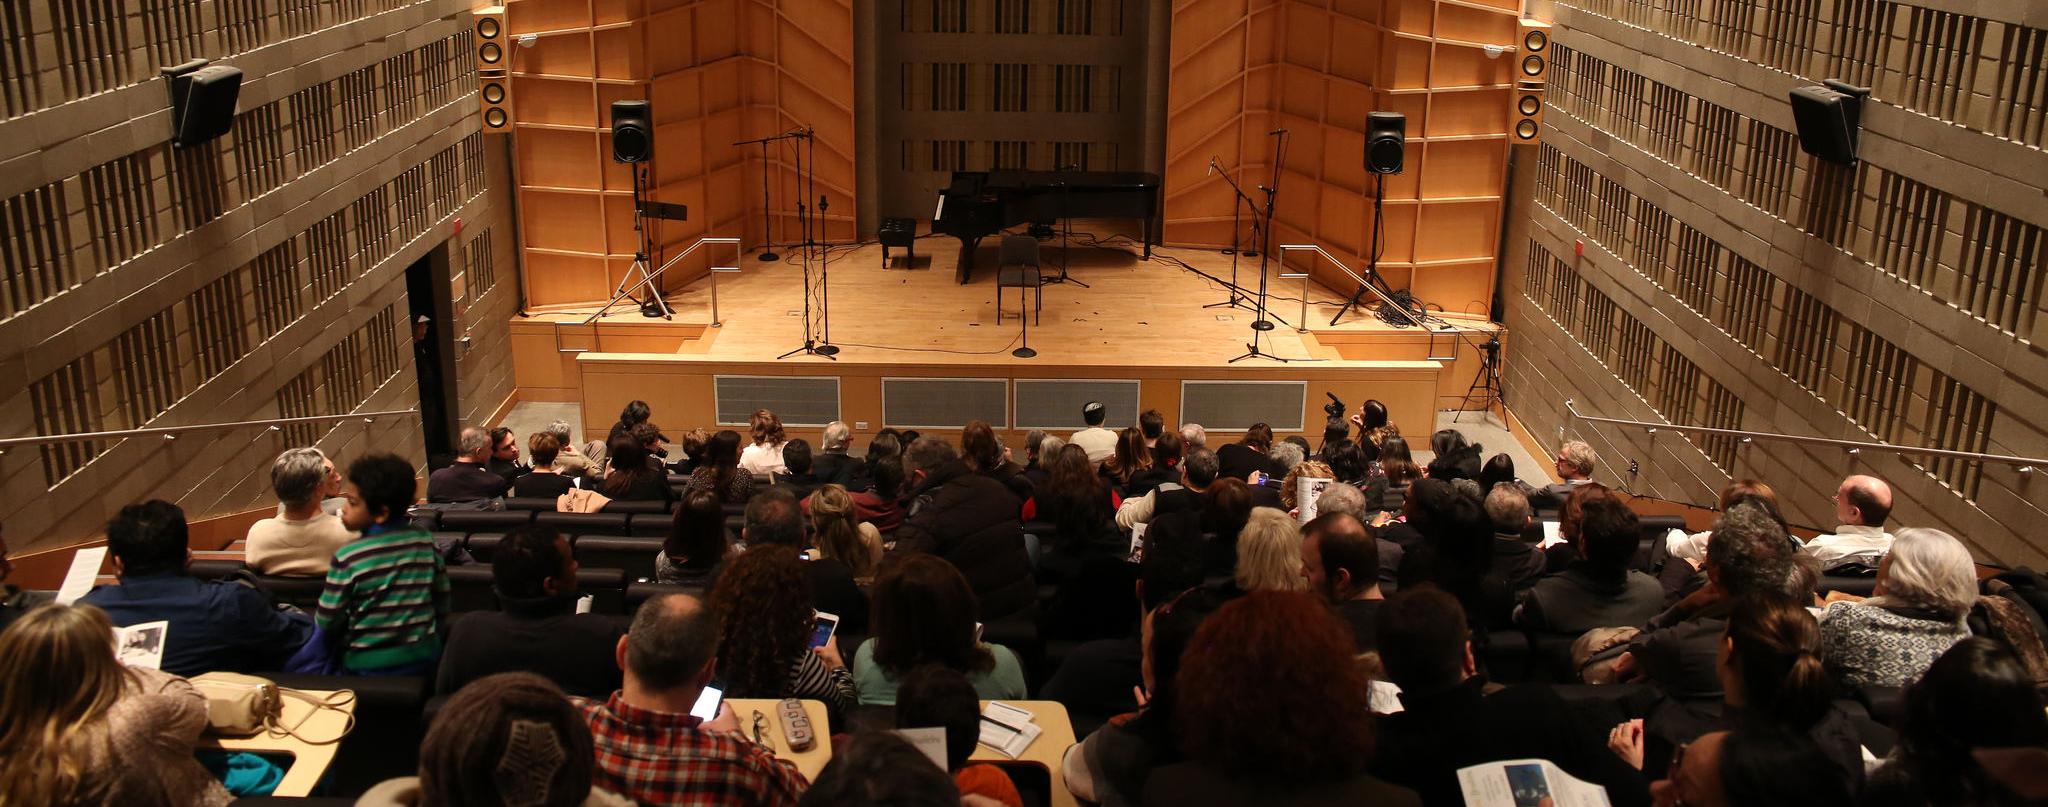 Baruch Performing Arts Center - Engelman Recital Hall